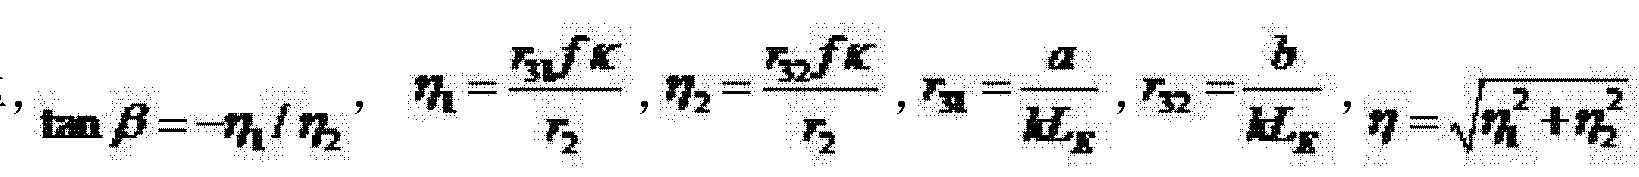 Figure CN102564909BD00064